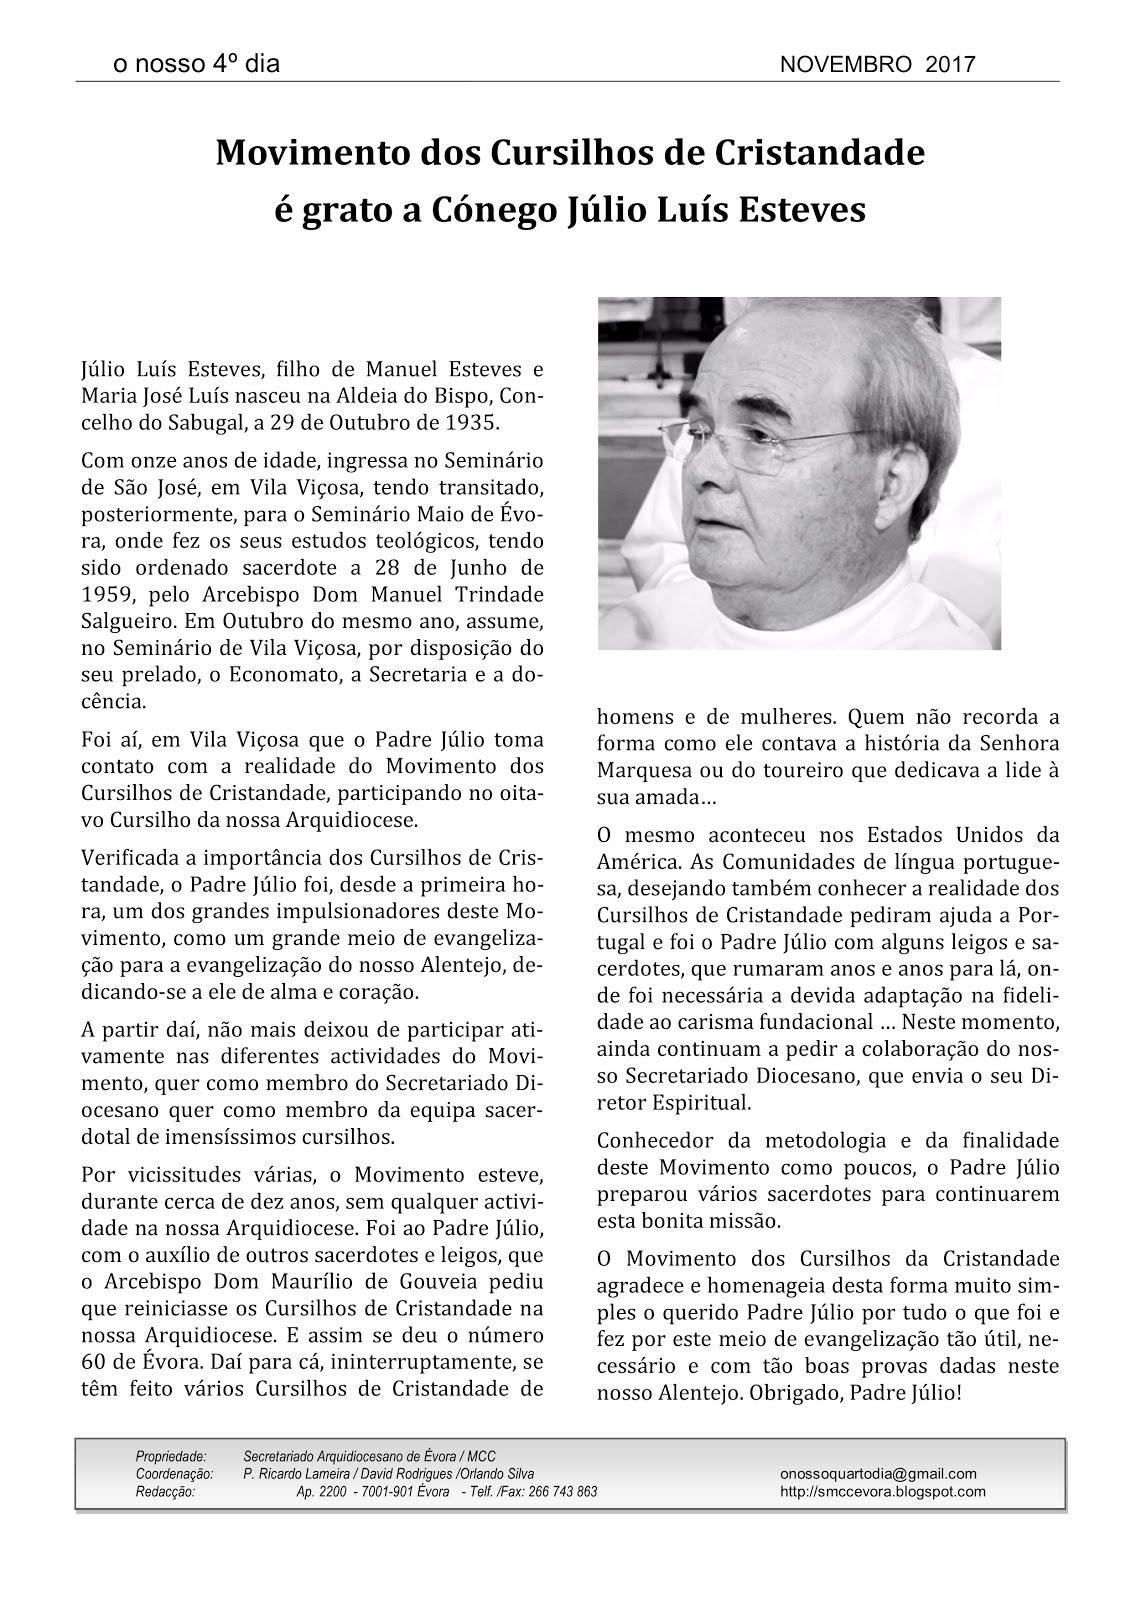 pág.6